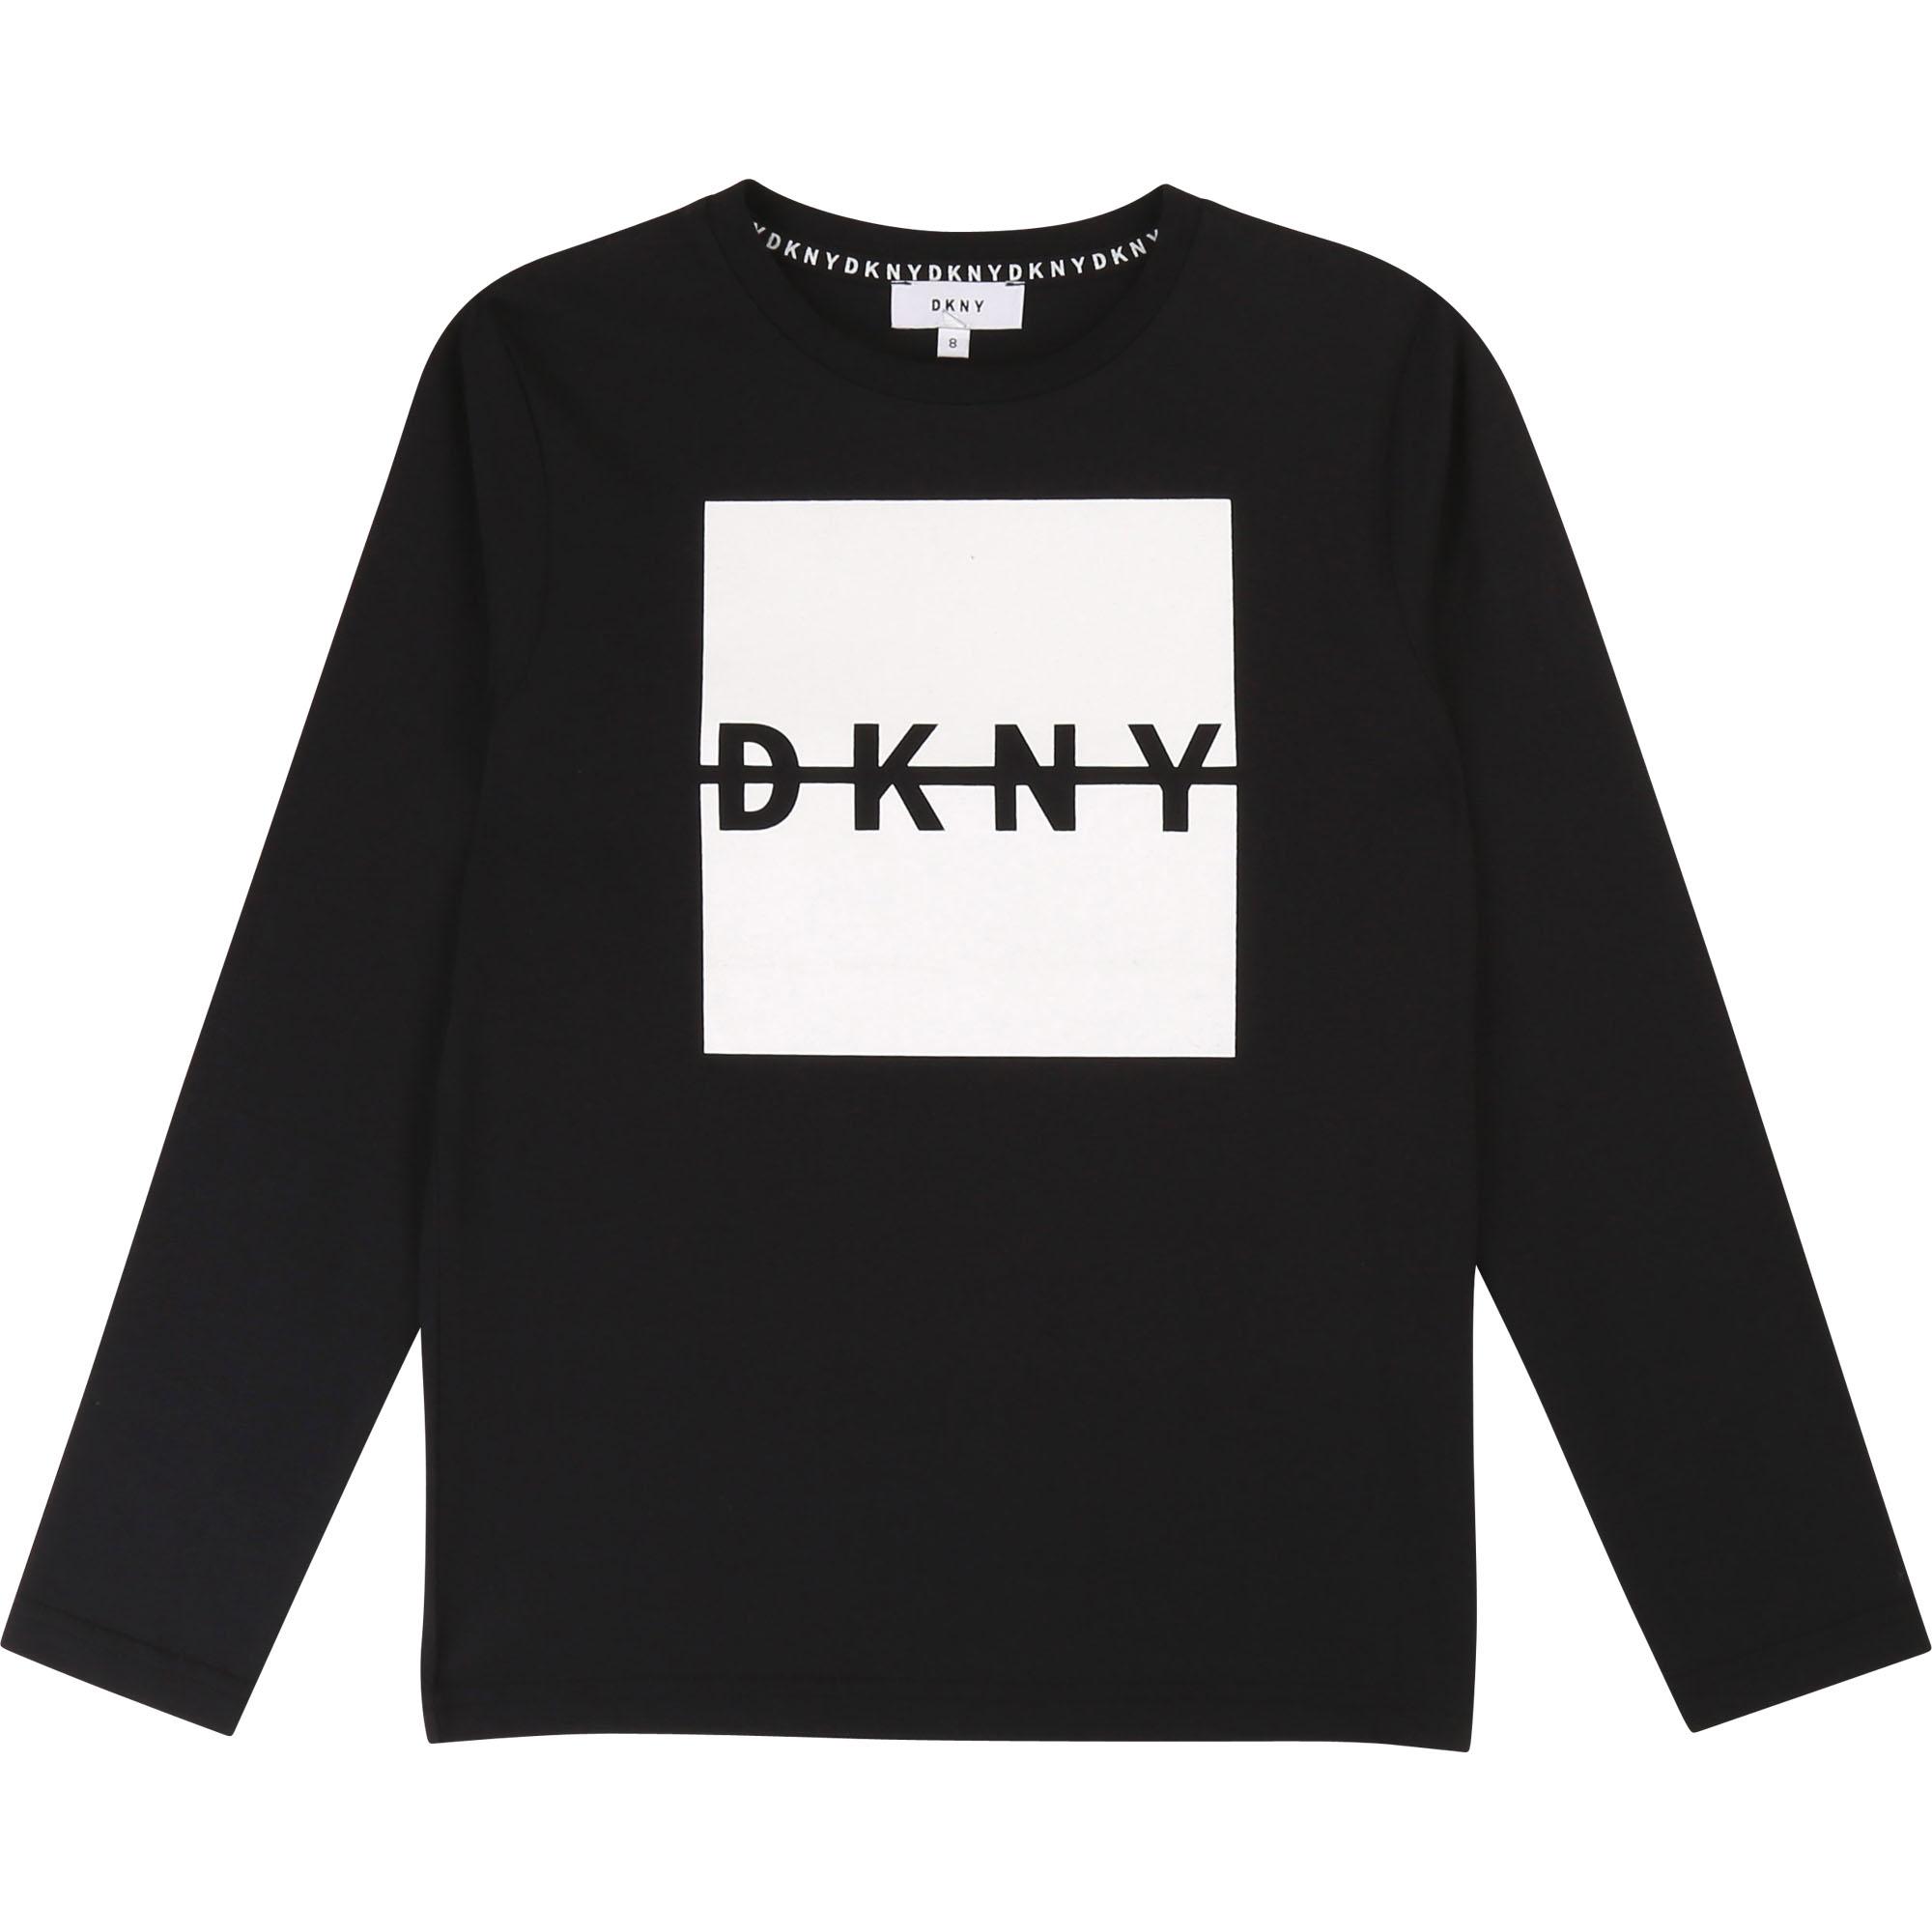 DKNY Pitkähihainen Paita Musta tai Harmaa koko 150 cm ja 170 cm ALE -50% (OVH 45/49€)